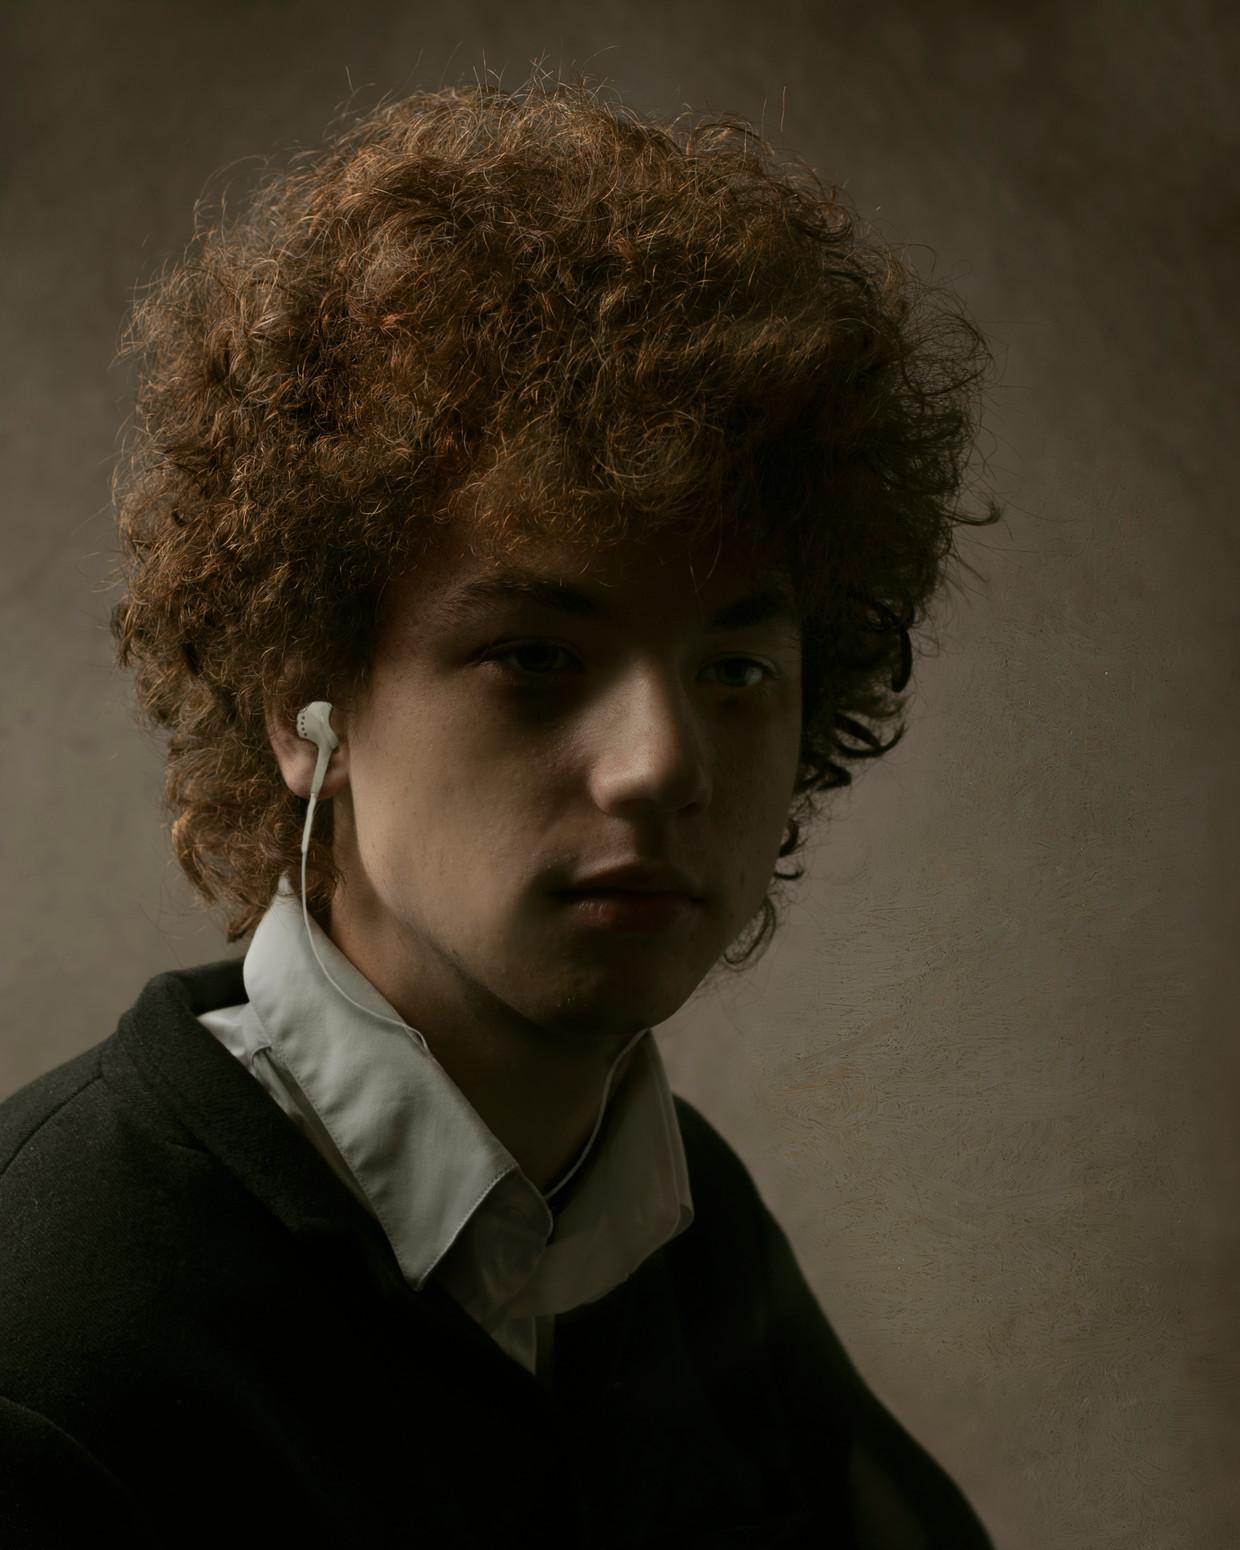 Rembrandt Today, portret door fotograaf Kaat Stieber, geïnspireerd op een zelfportret  van de jonge Rembrandt.   Beeld Kaat Stieber